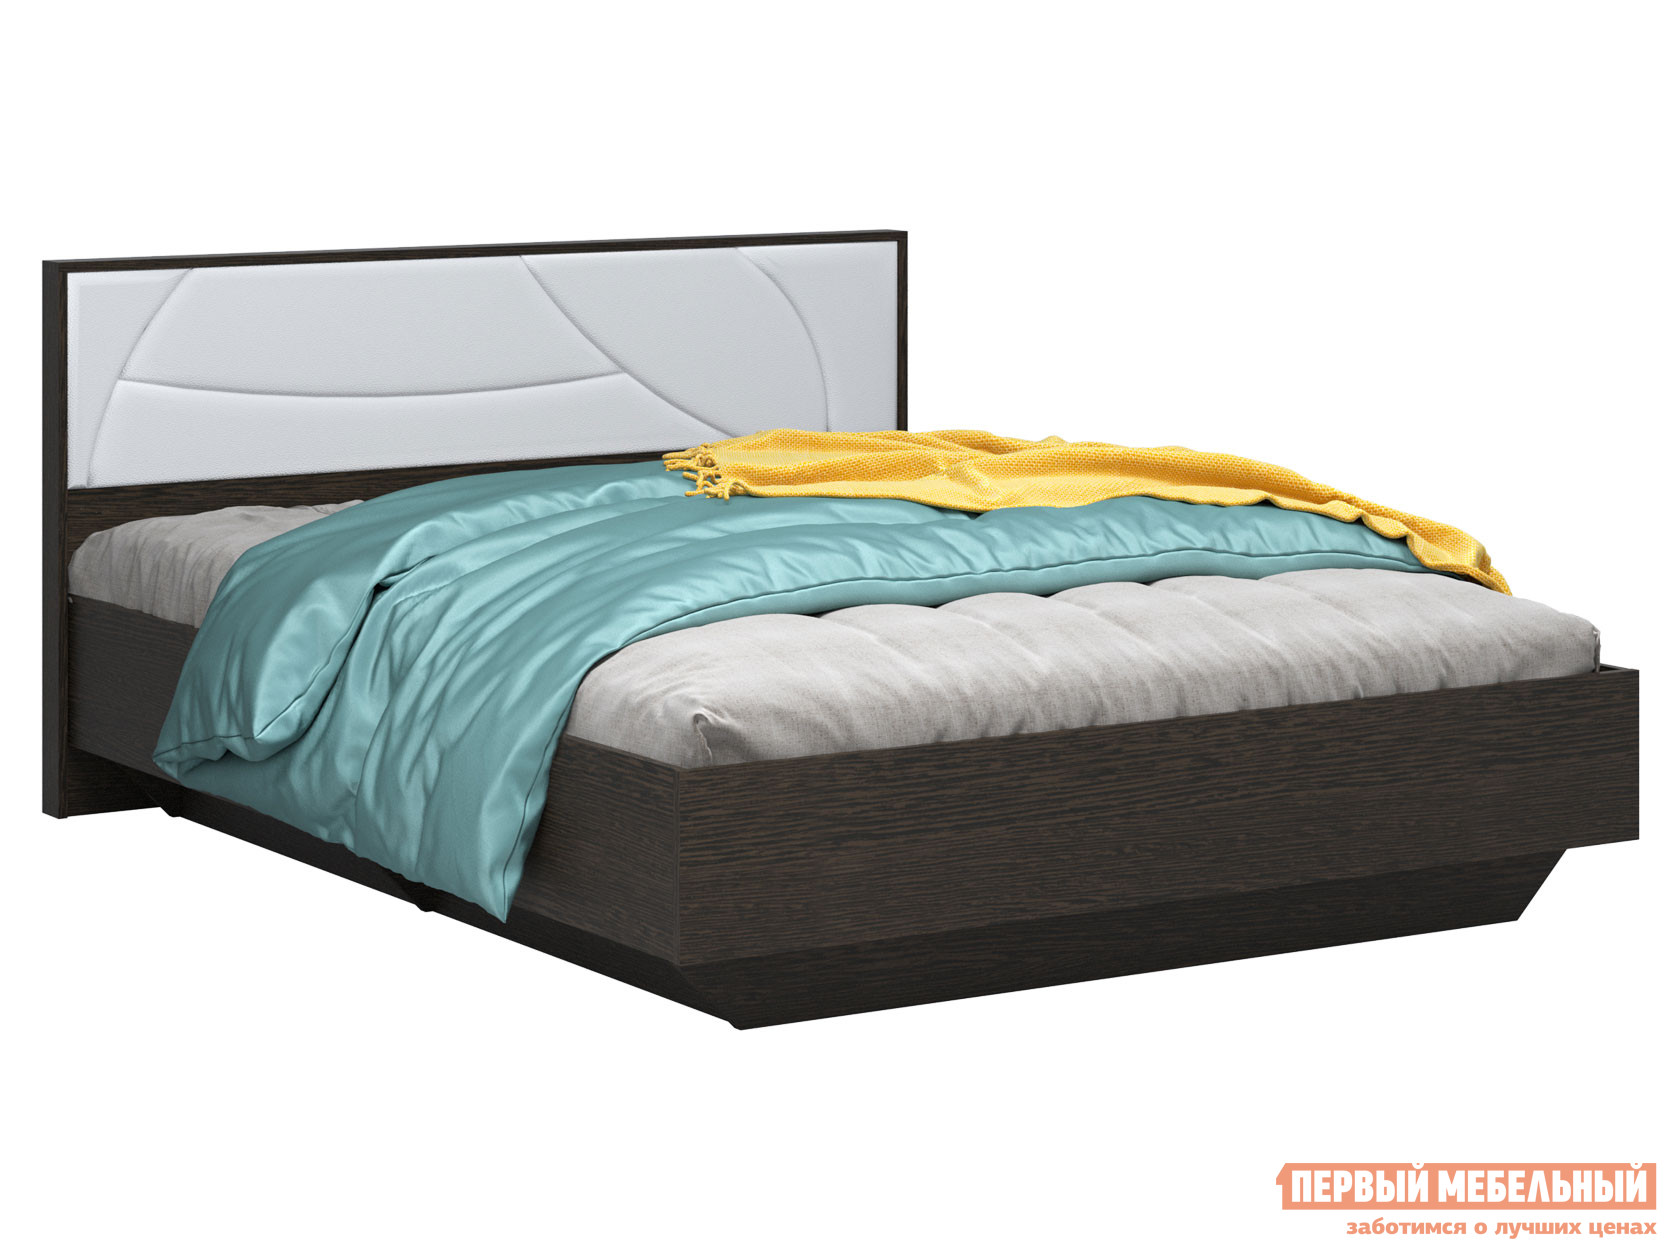 Двуспальная кровать  Мирти Люкс Венге / Белый, экокожа, 140х200 см, С анатомическим основанием ВВР 131740